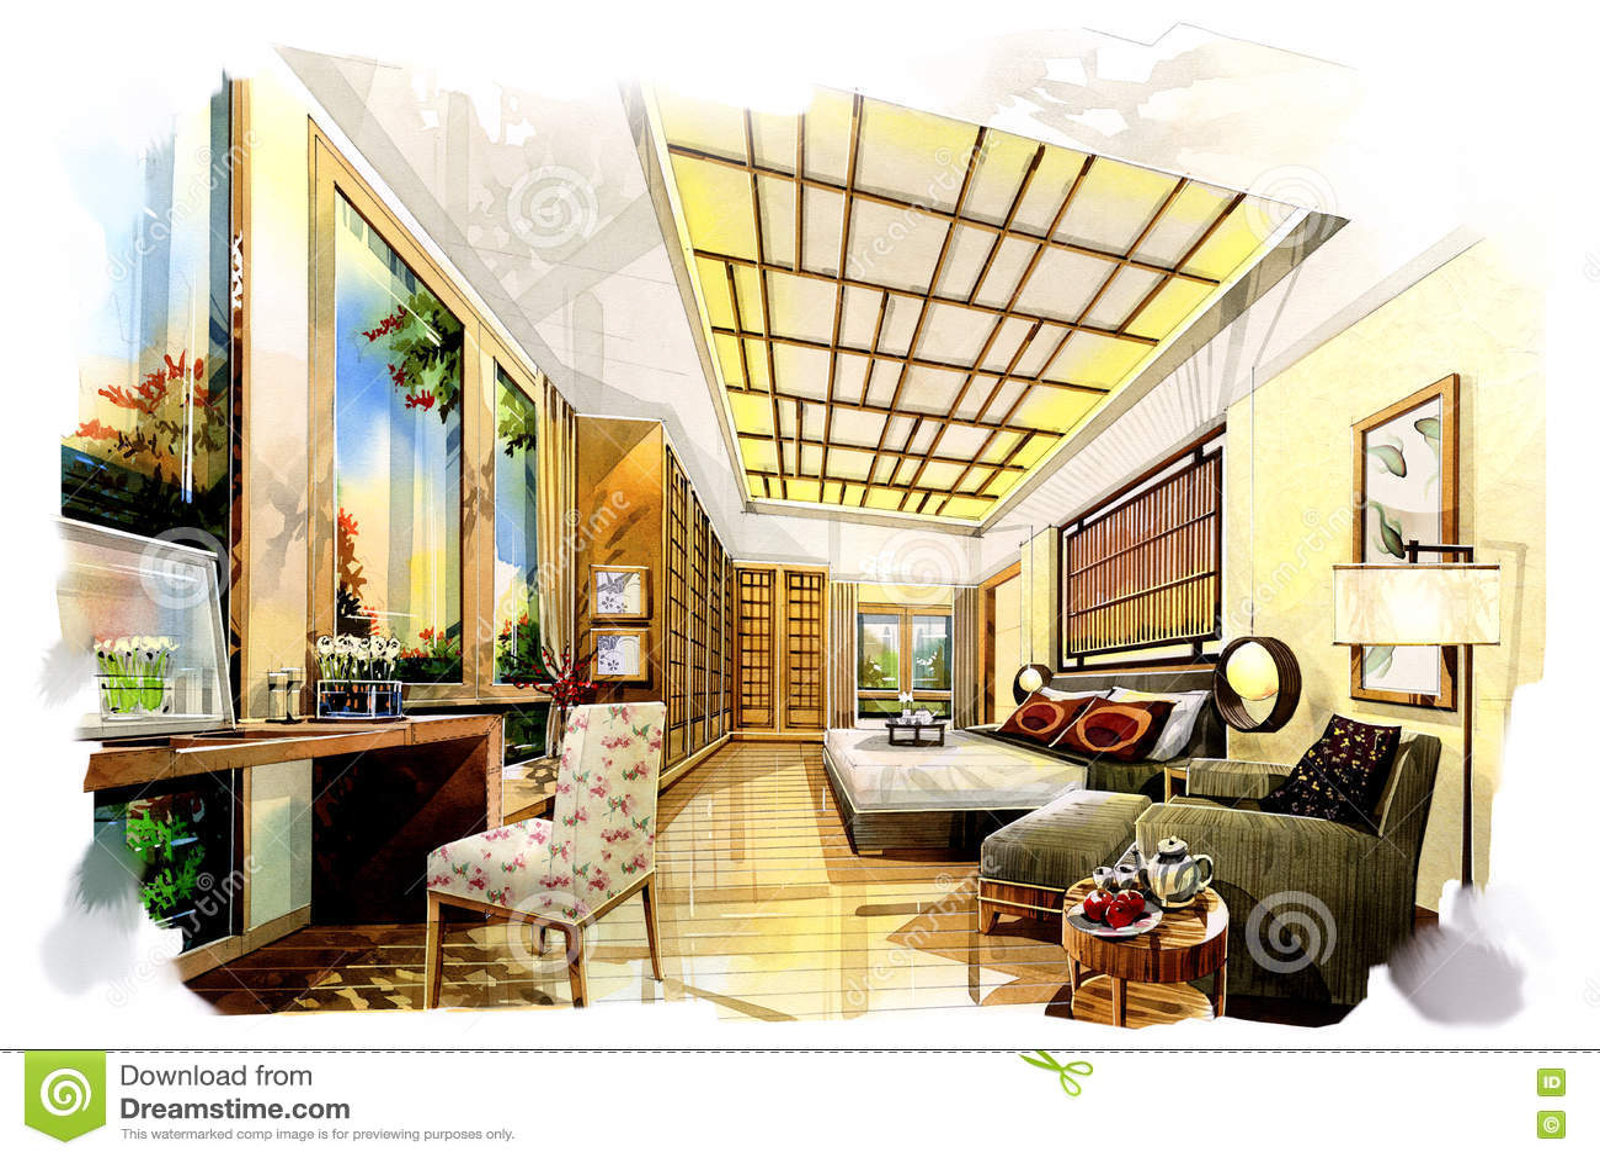 Schizzi i giapponesi interni della camera da letto in un for Camere giapponesi